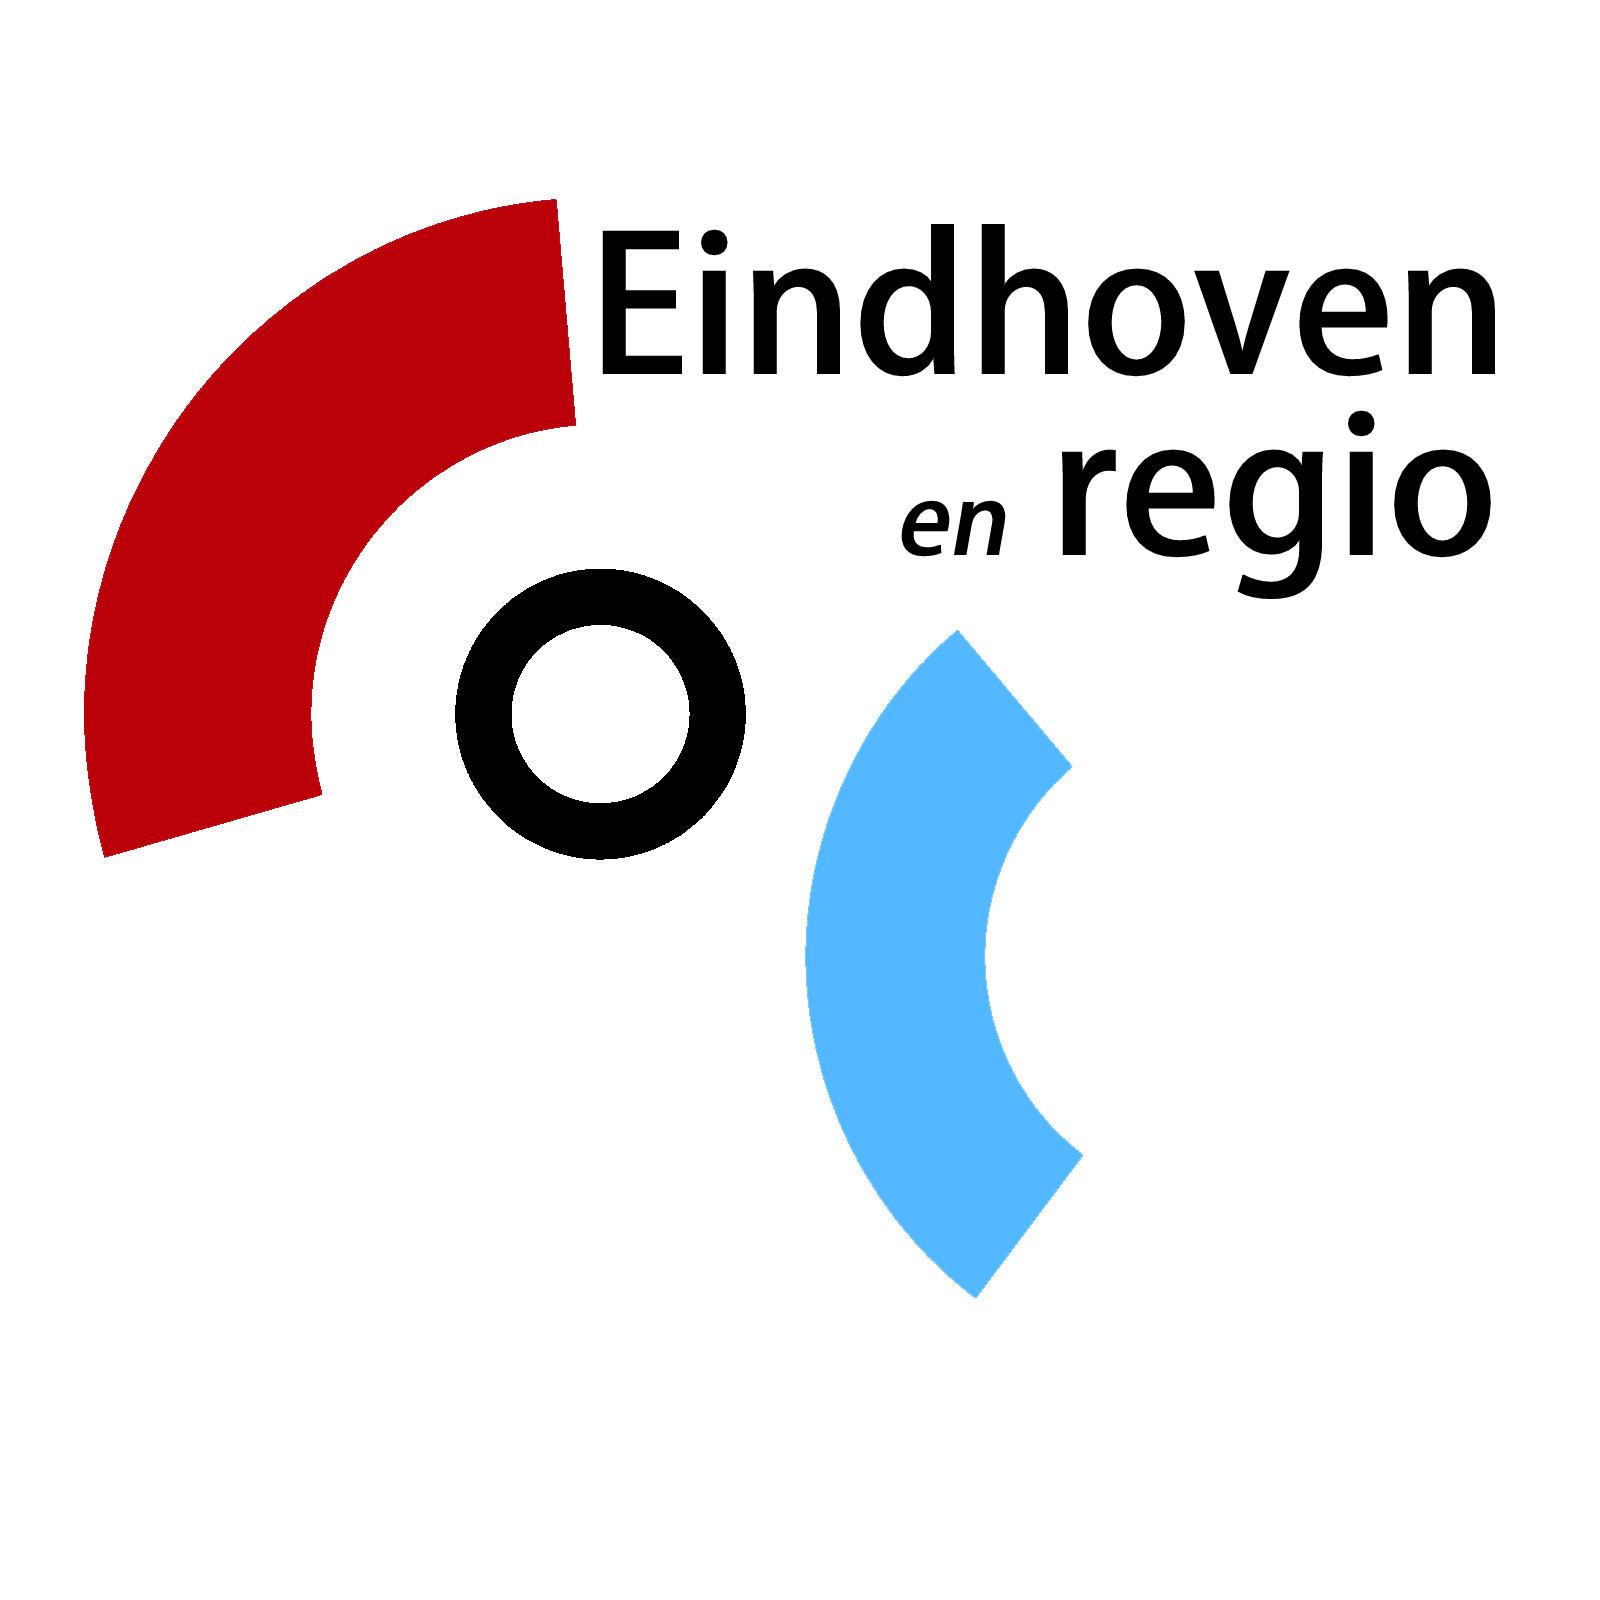 logo COC EIndhoven